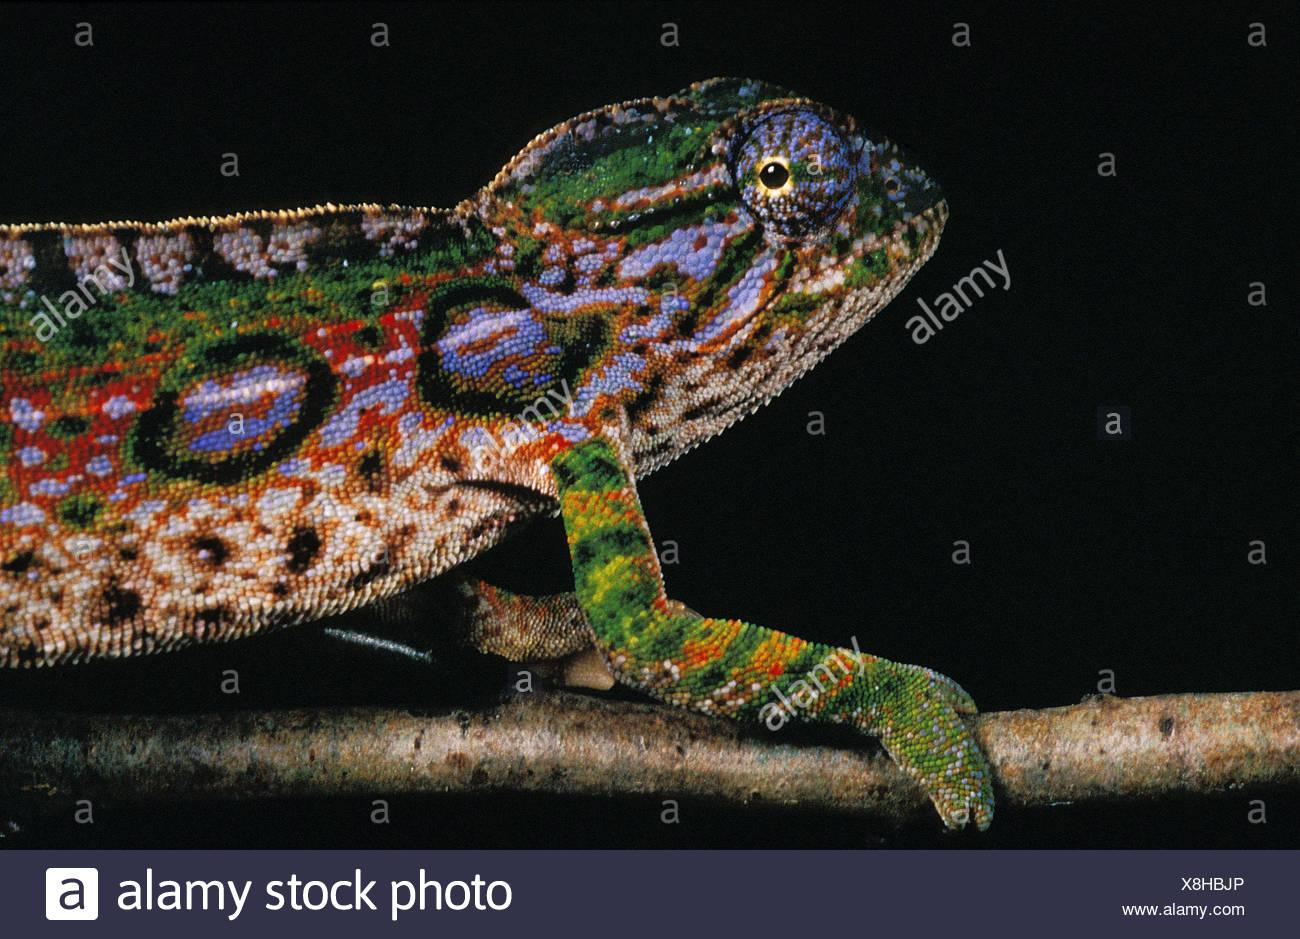 Madagascar Forest camaleonte, furcifer campani, bellissimi colori su sfondo nero Immagini Stock